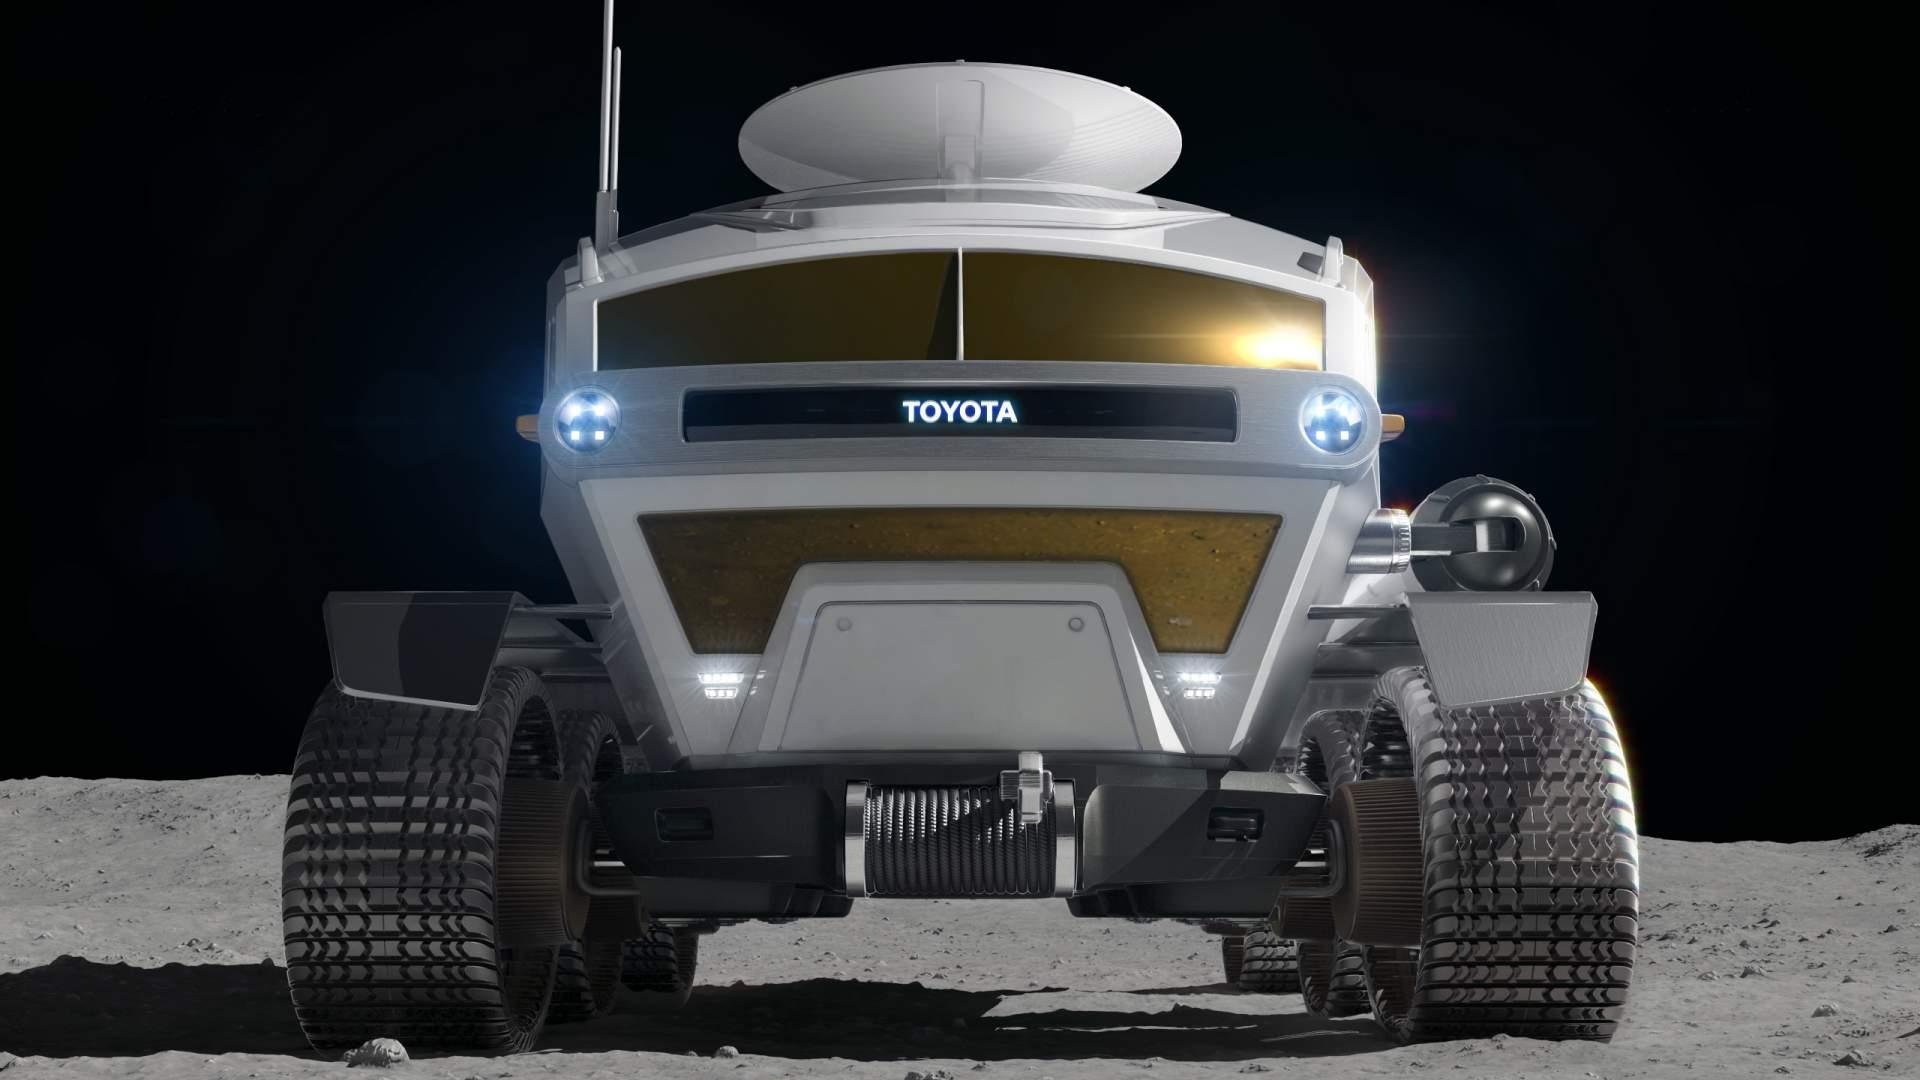 Toyota Lunar Rover (1)